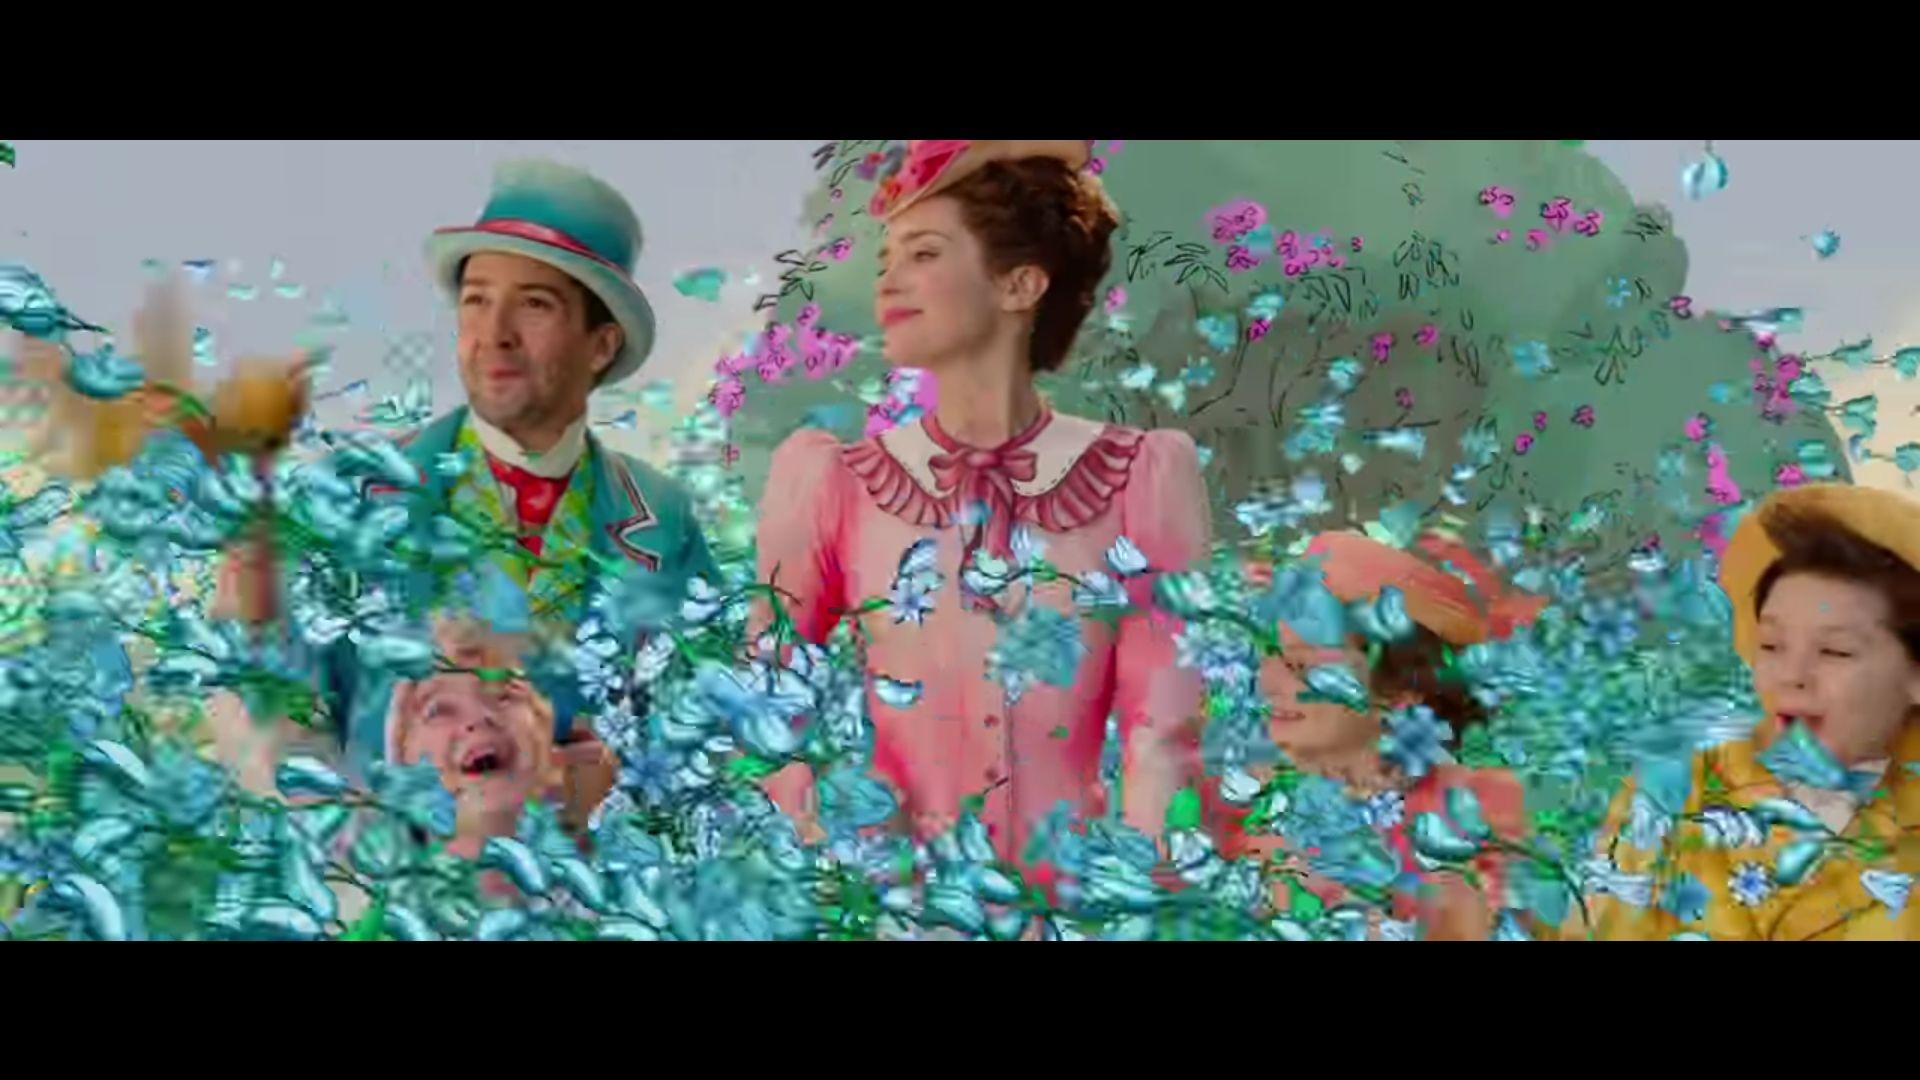 Estrenan nuevas imágenes del regreso de Mary Poppins